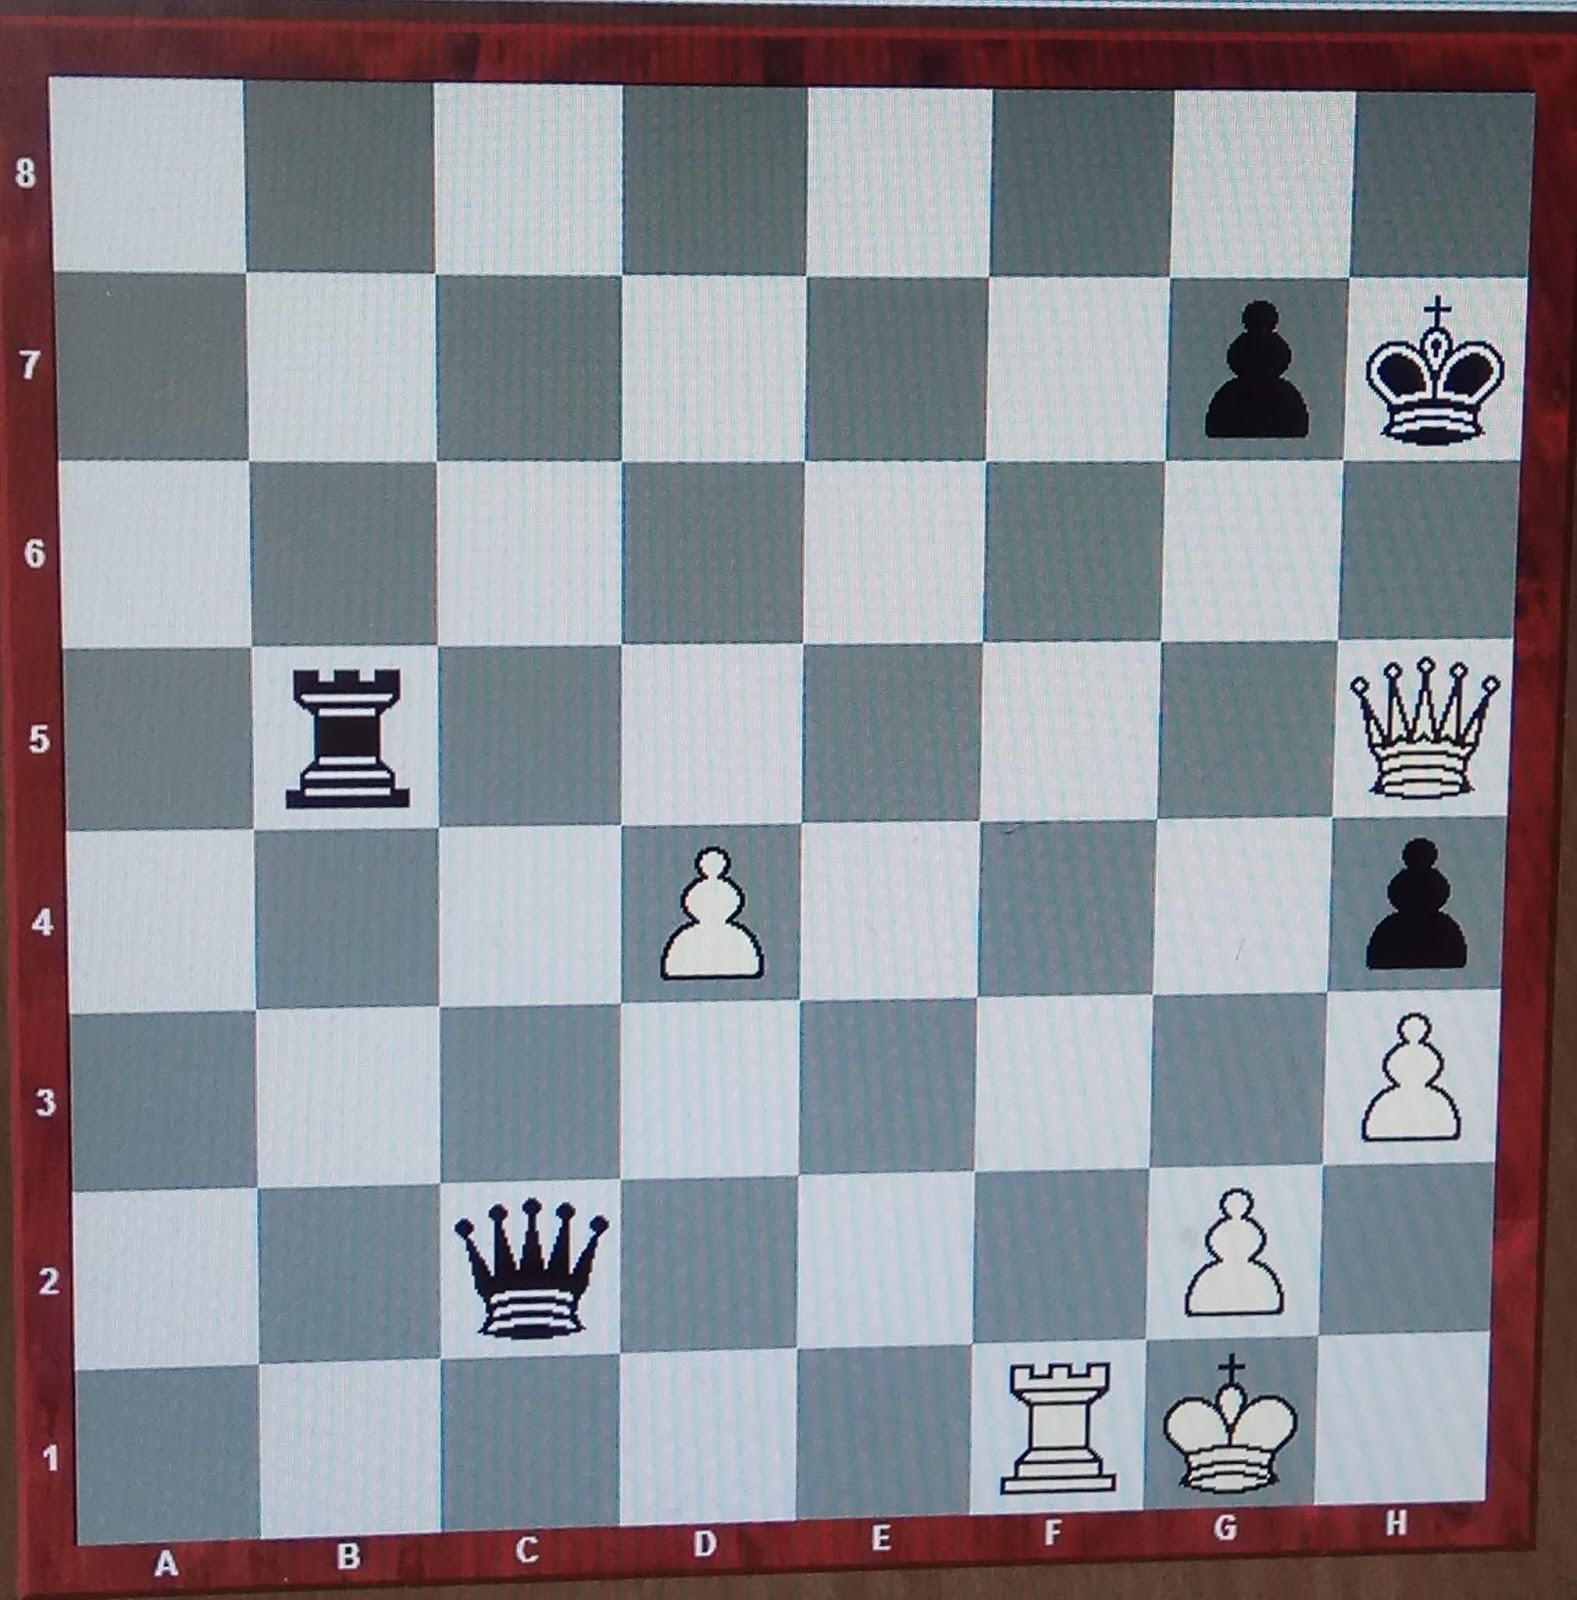 поле дебюты в шахматах с картинками сразу